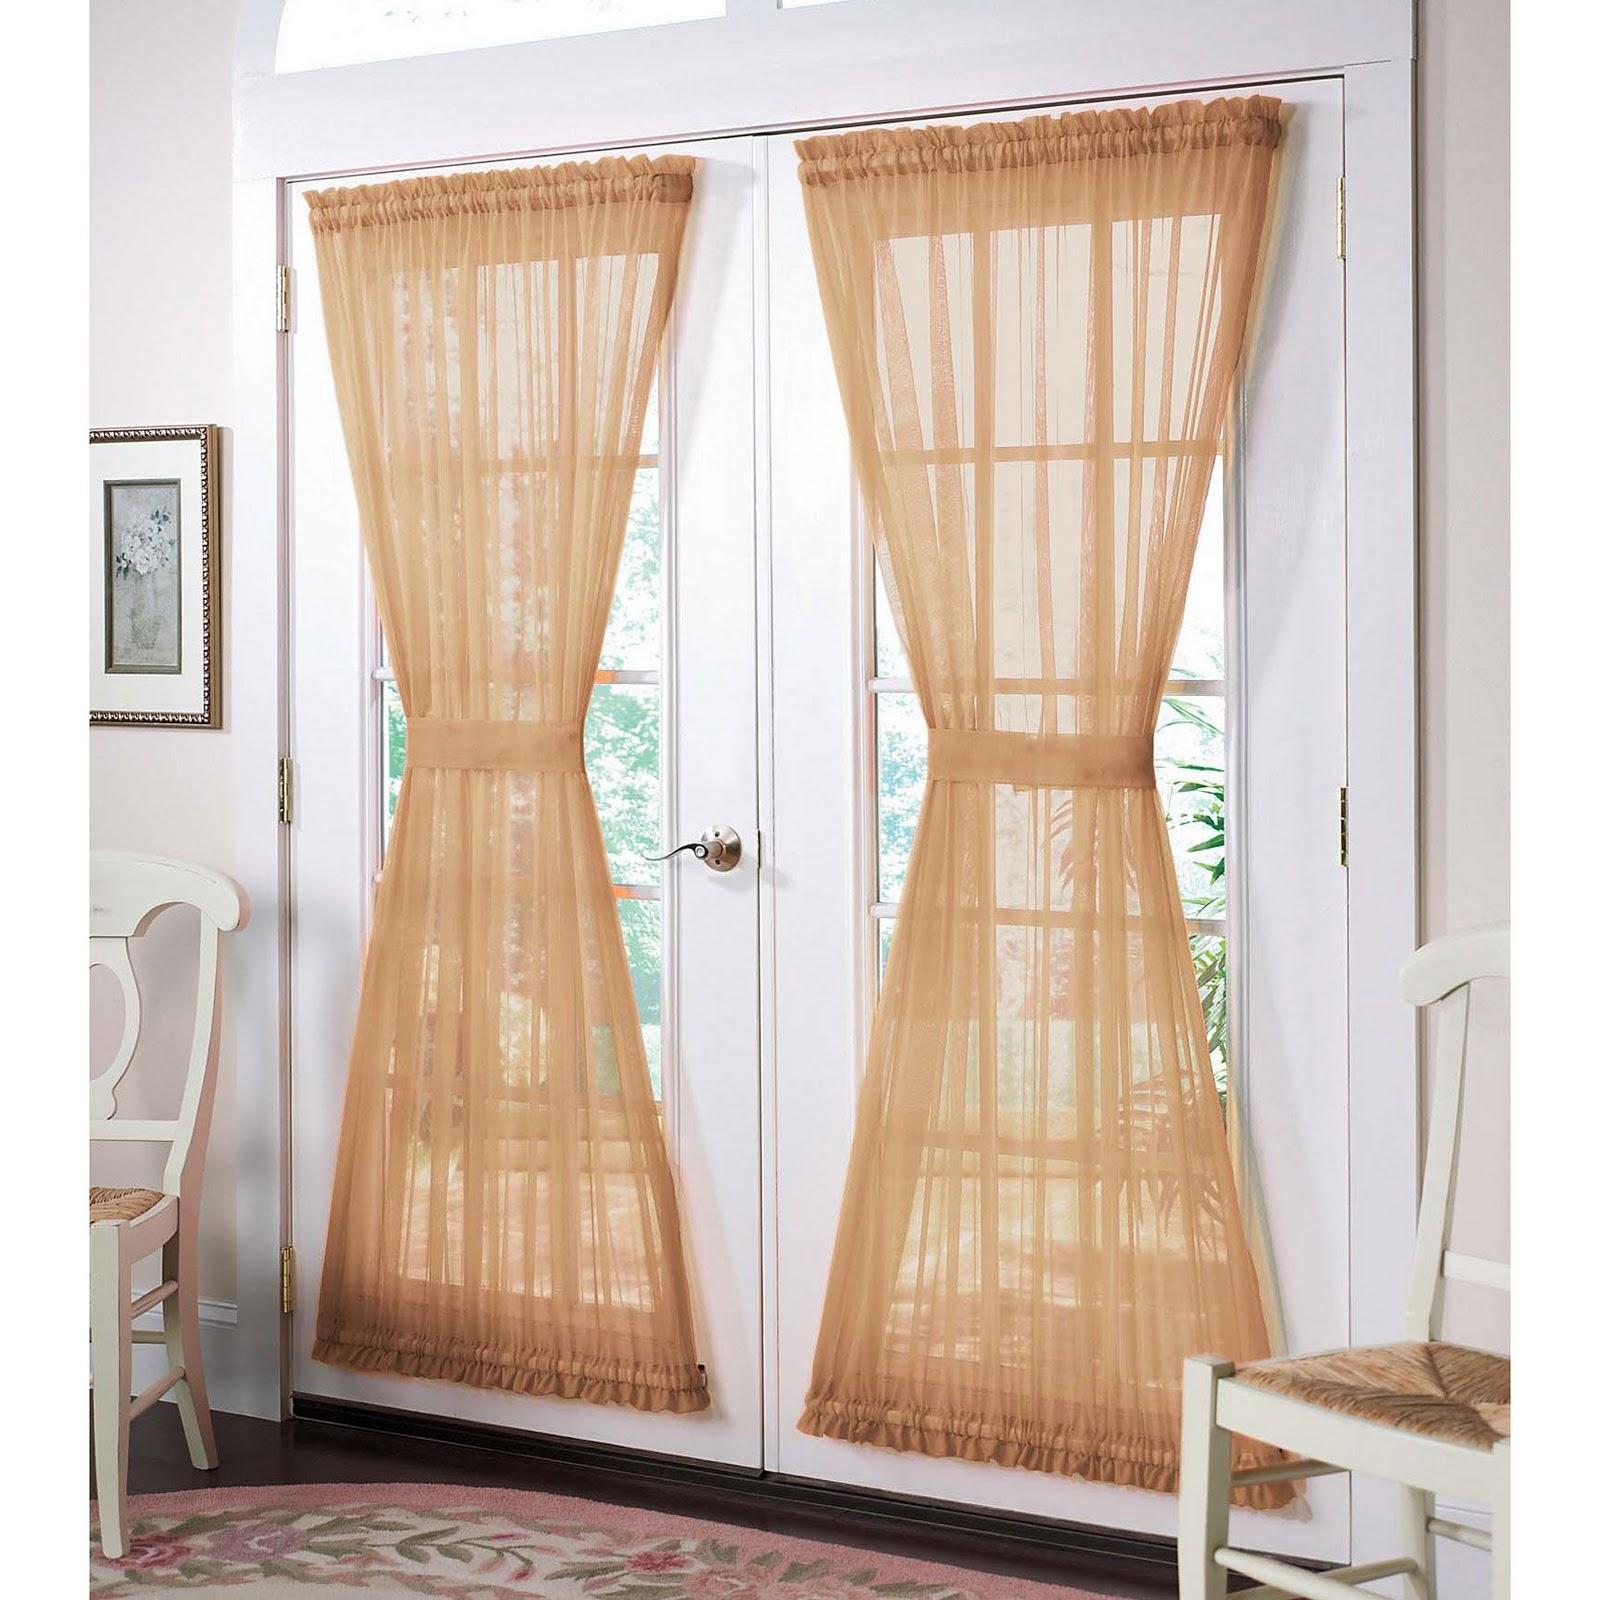 Id ias de cortinas para o ver o casas poss veis - Cortinas para puertas correderas ...